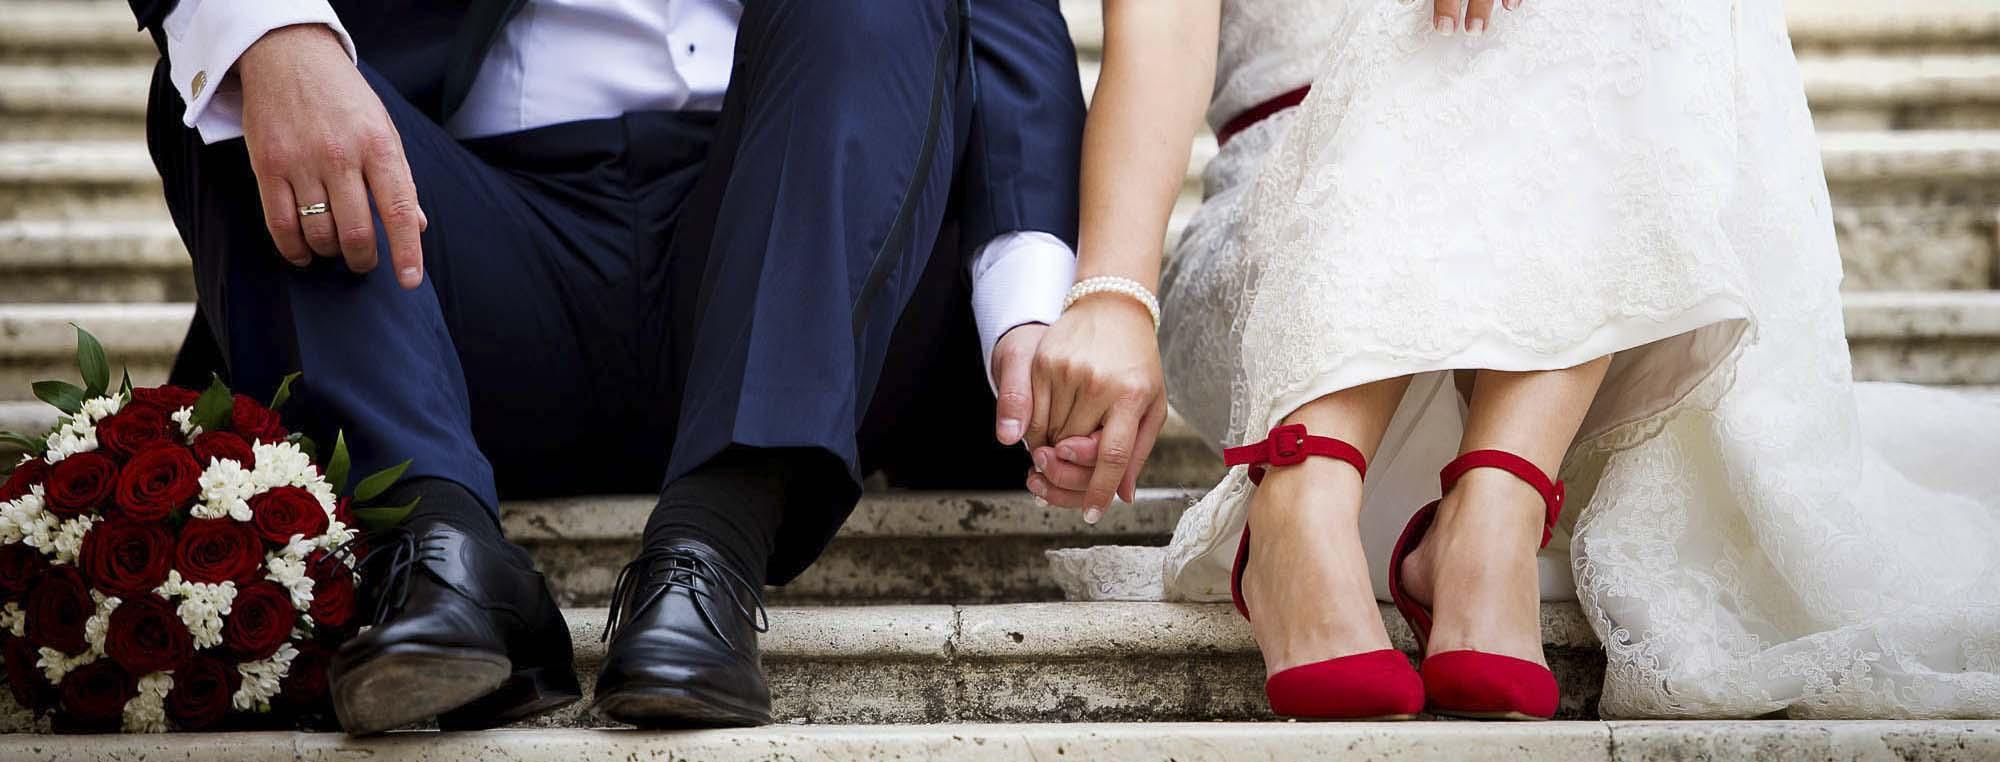 immagini-di-marco-pugliese-varallo sesia-fotografo-video-matrimonio-borgosesia-vercelli